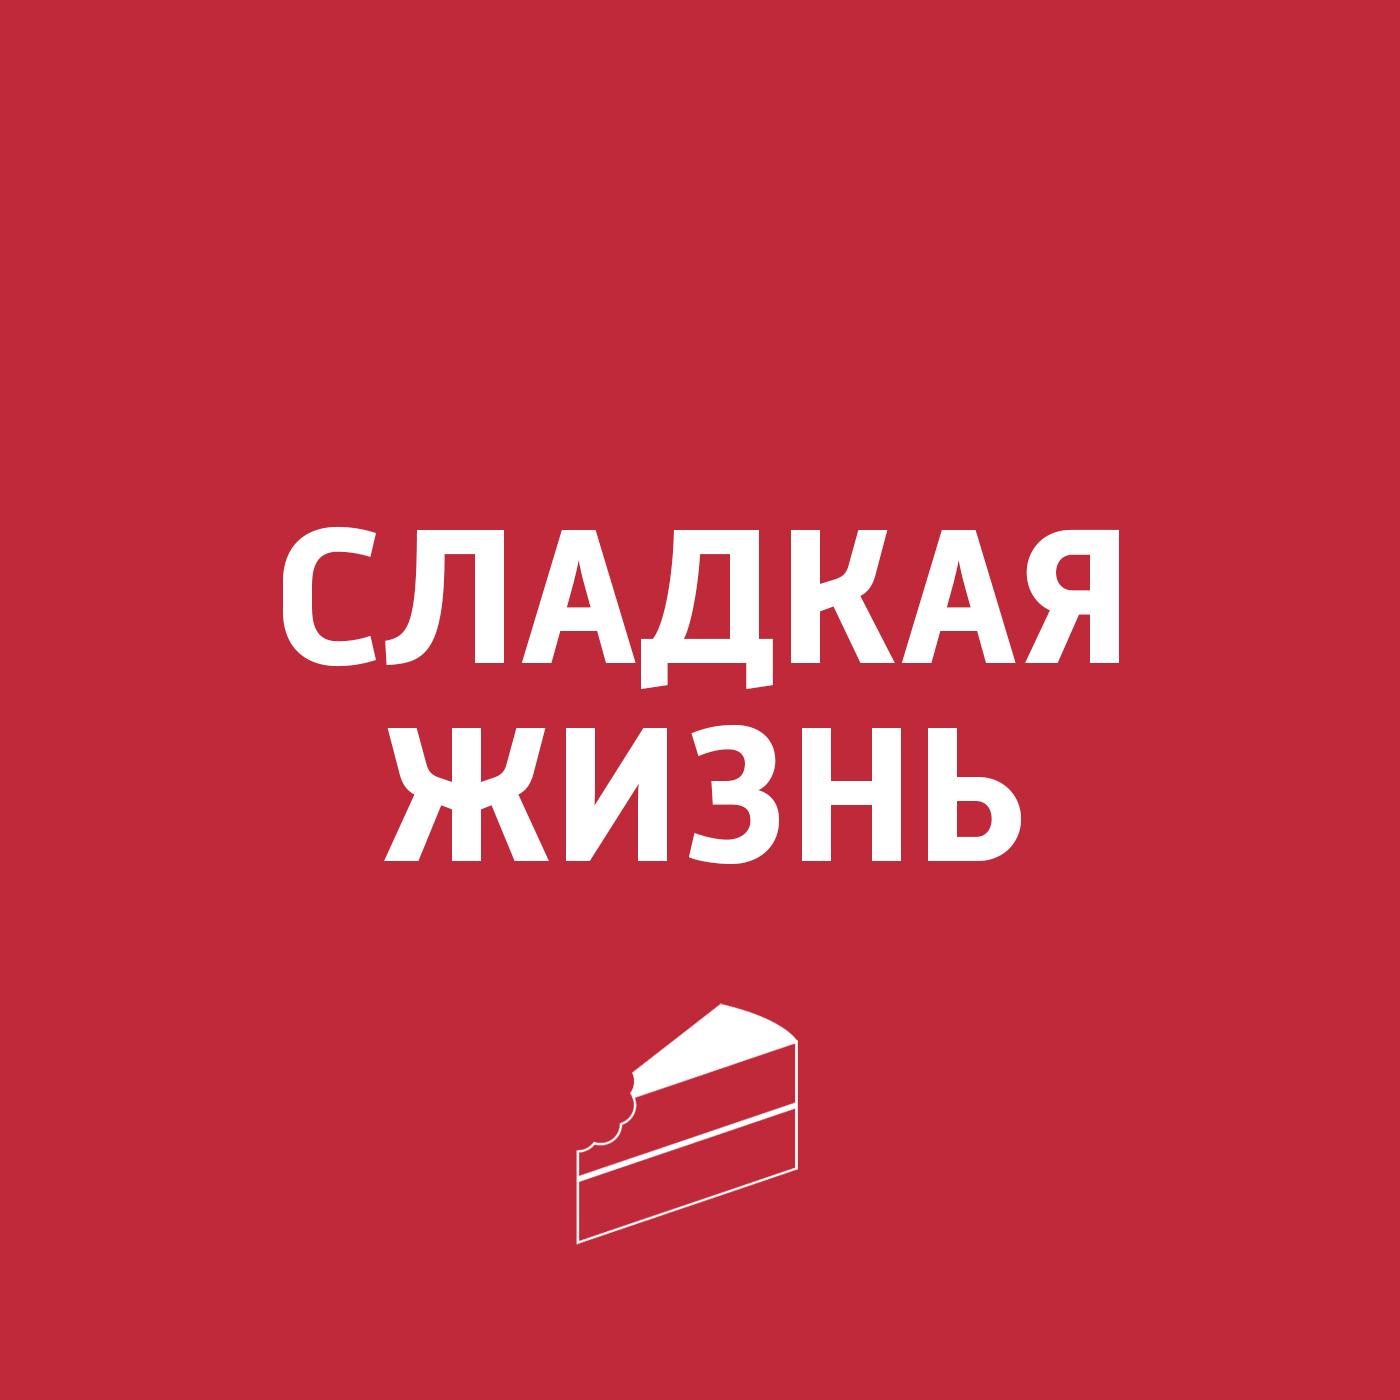 Картаев Павел Кула́га соня кулага слава кулага буш концепция успеха здоровья и красоты